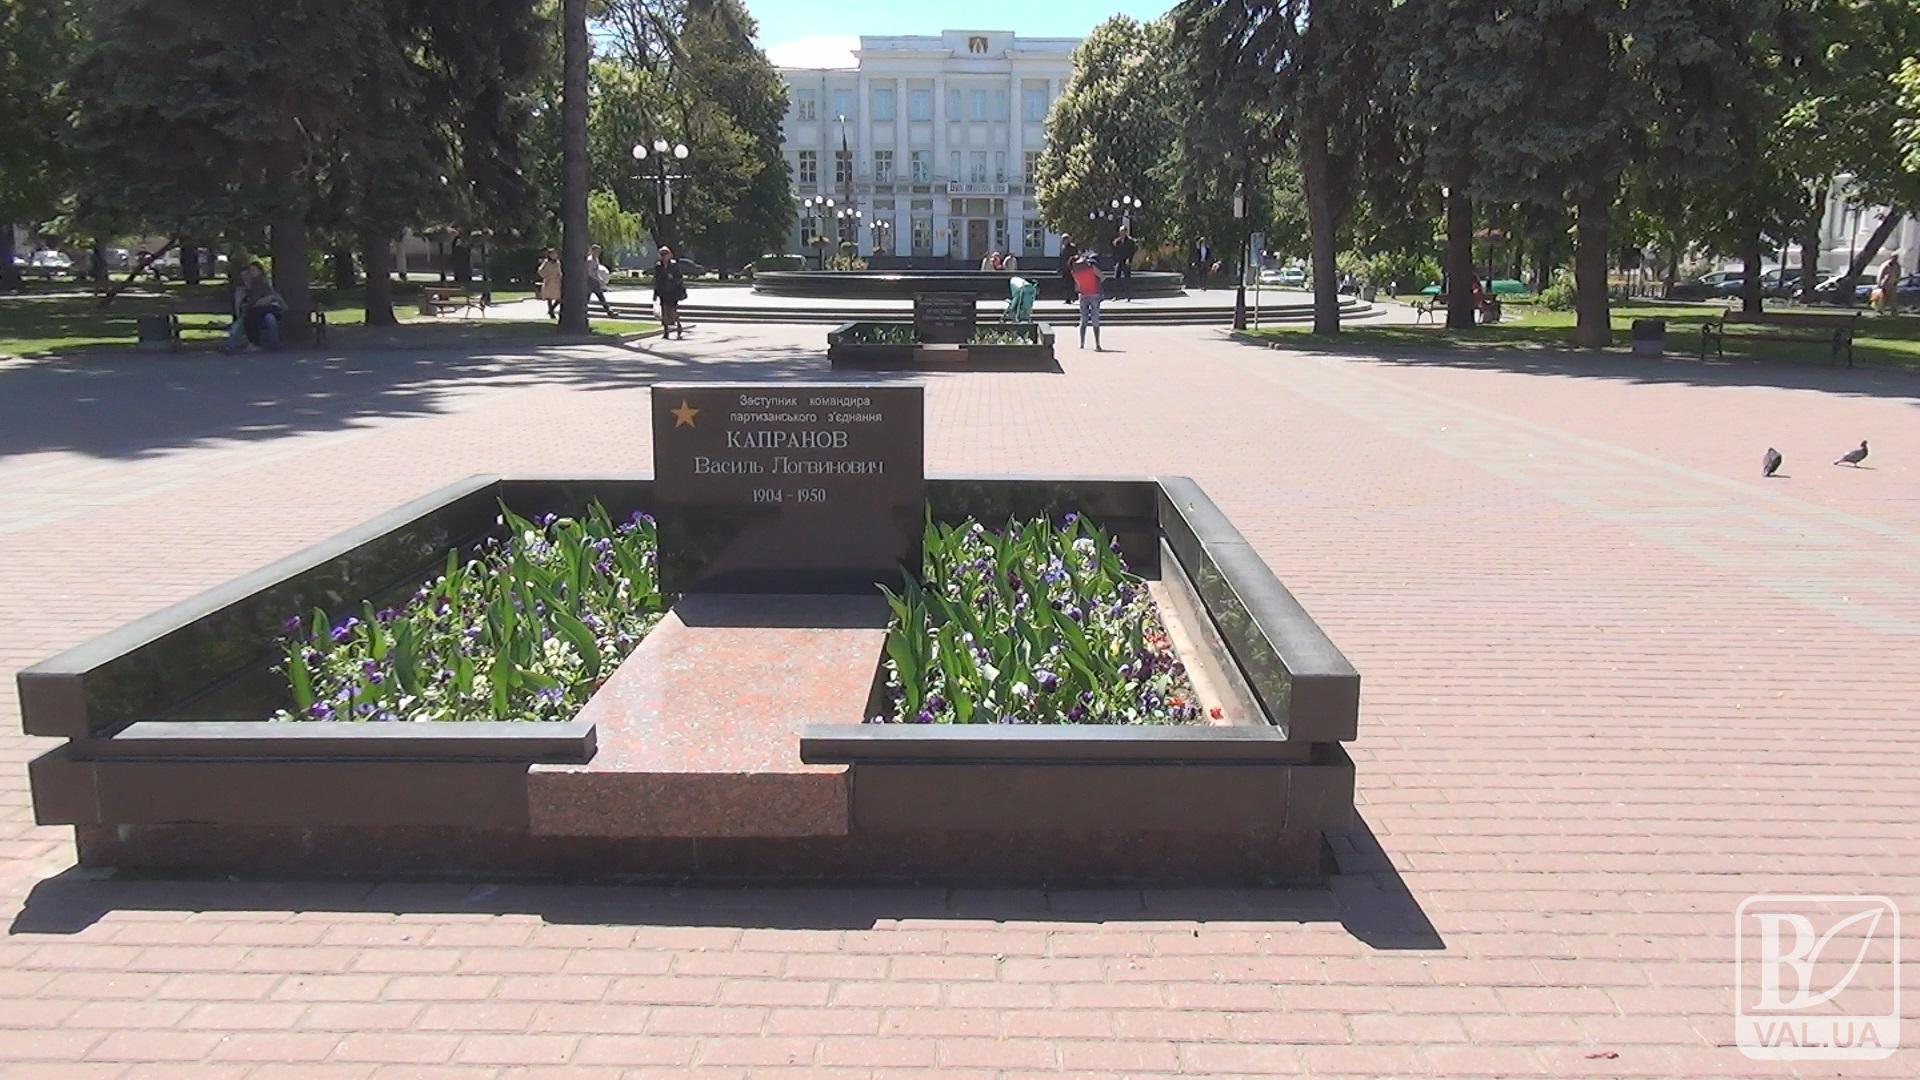 Чи потрібні поховання у центрі міста? Думки чернігівців та історика. ВІДЕО